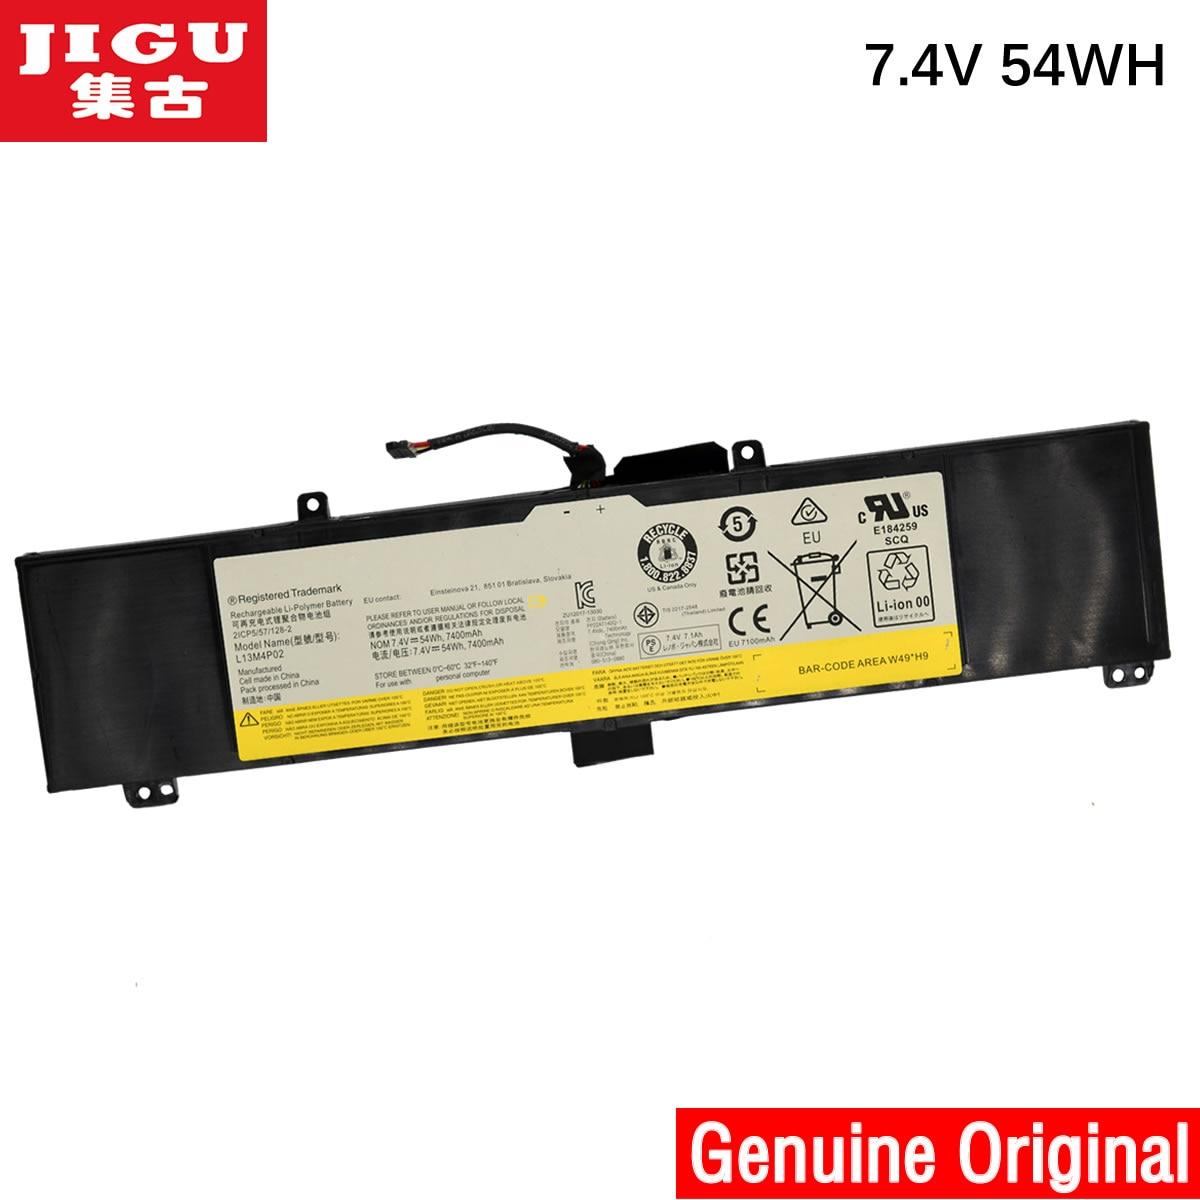 JIGU L13L4P01 L13M4P02 L13N4P01 Оригинальные Аккумулятор ноутбука для Lenovo Y50 Y50-70 Y50P Y50-70AM-ifi, так Y50-70AS-ise с 7.4 54WH в